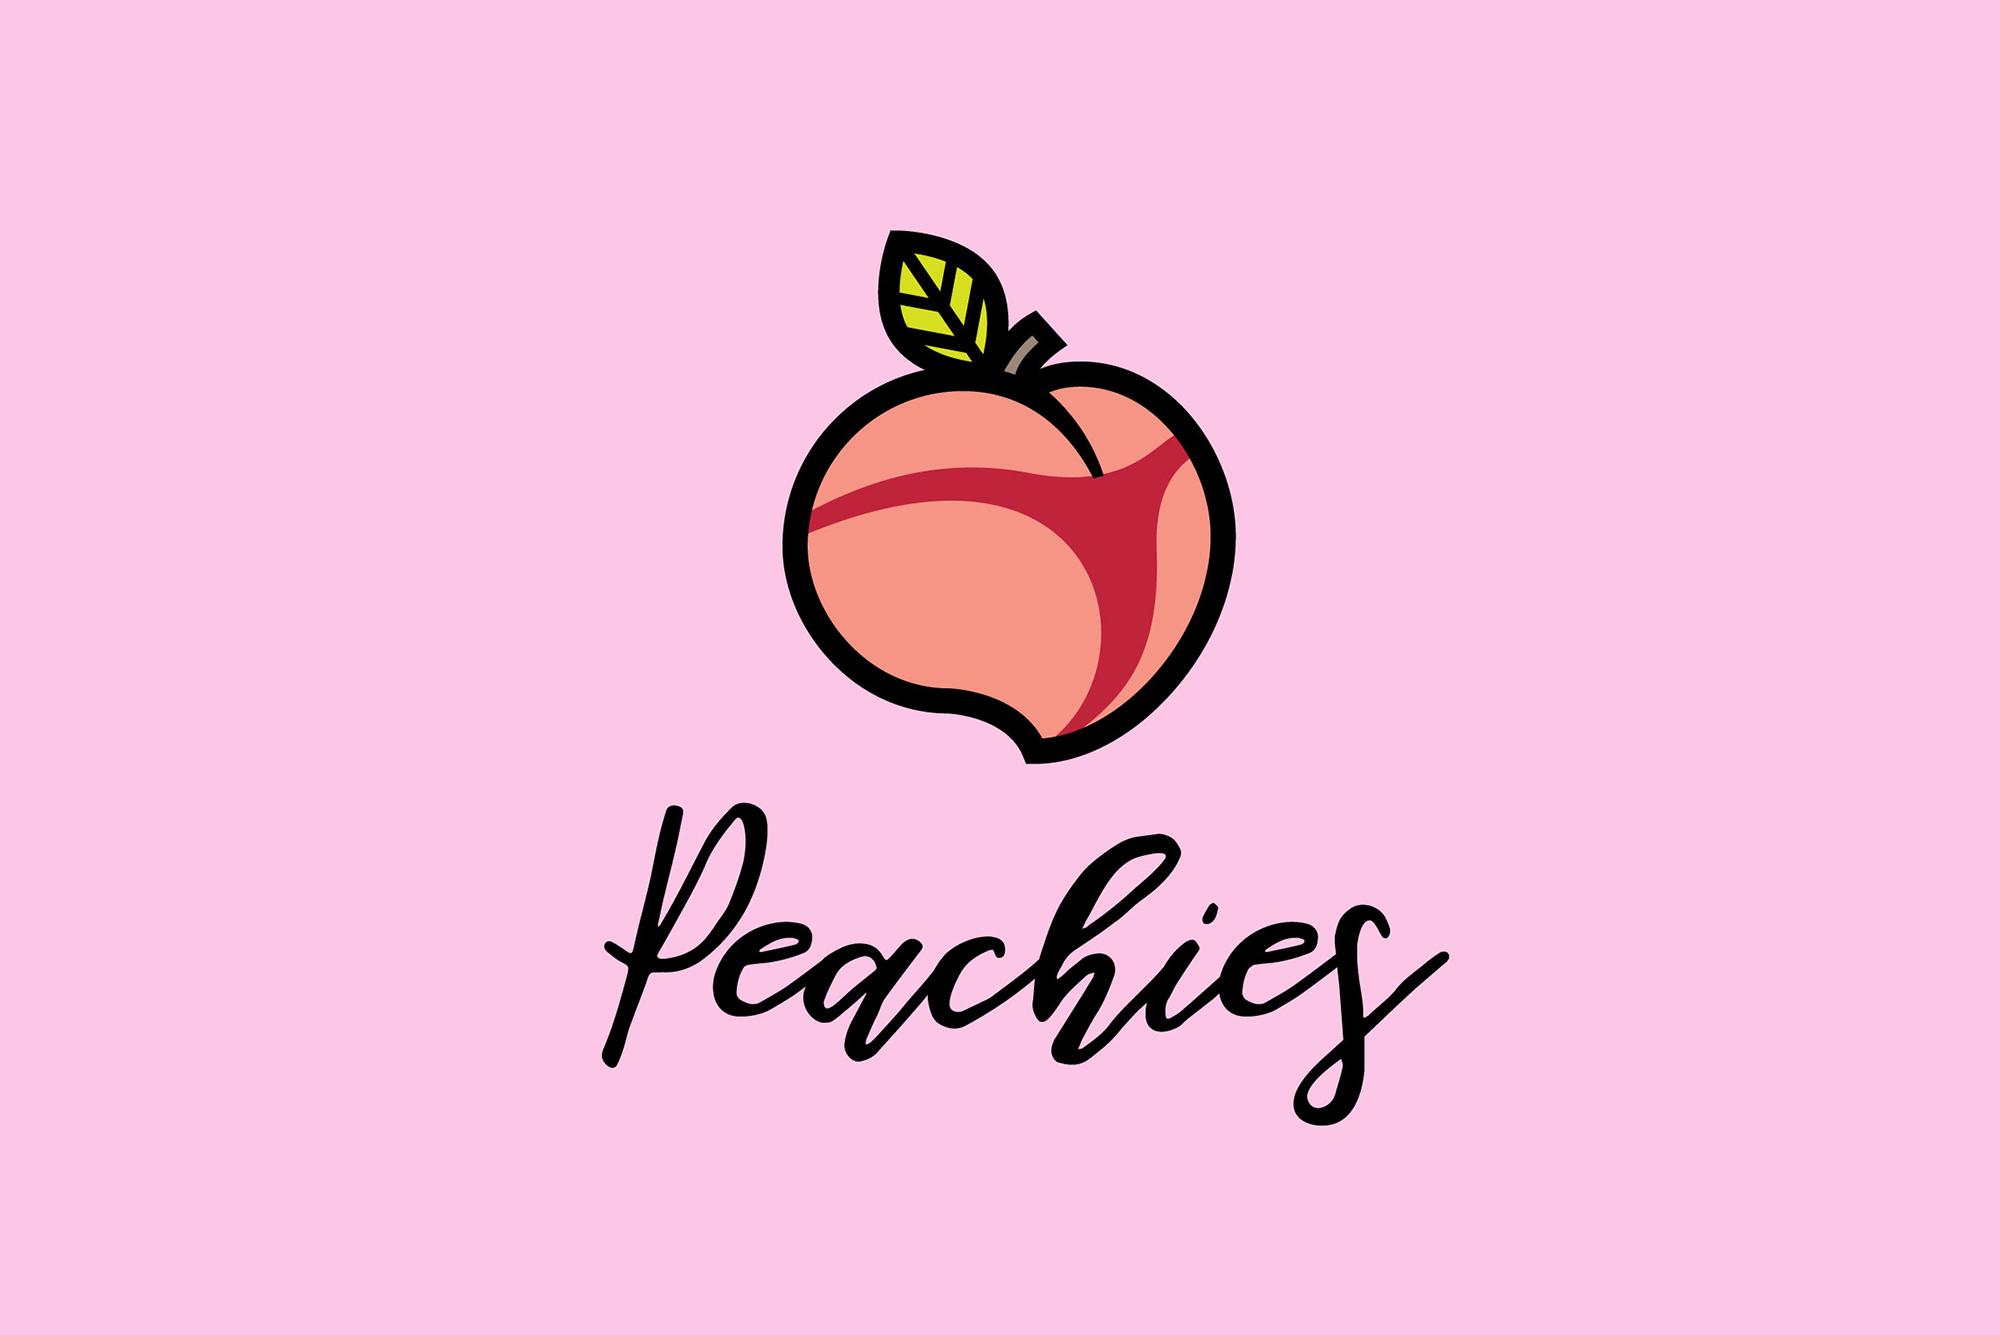 peachies